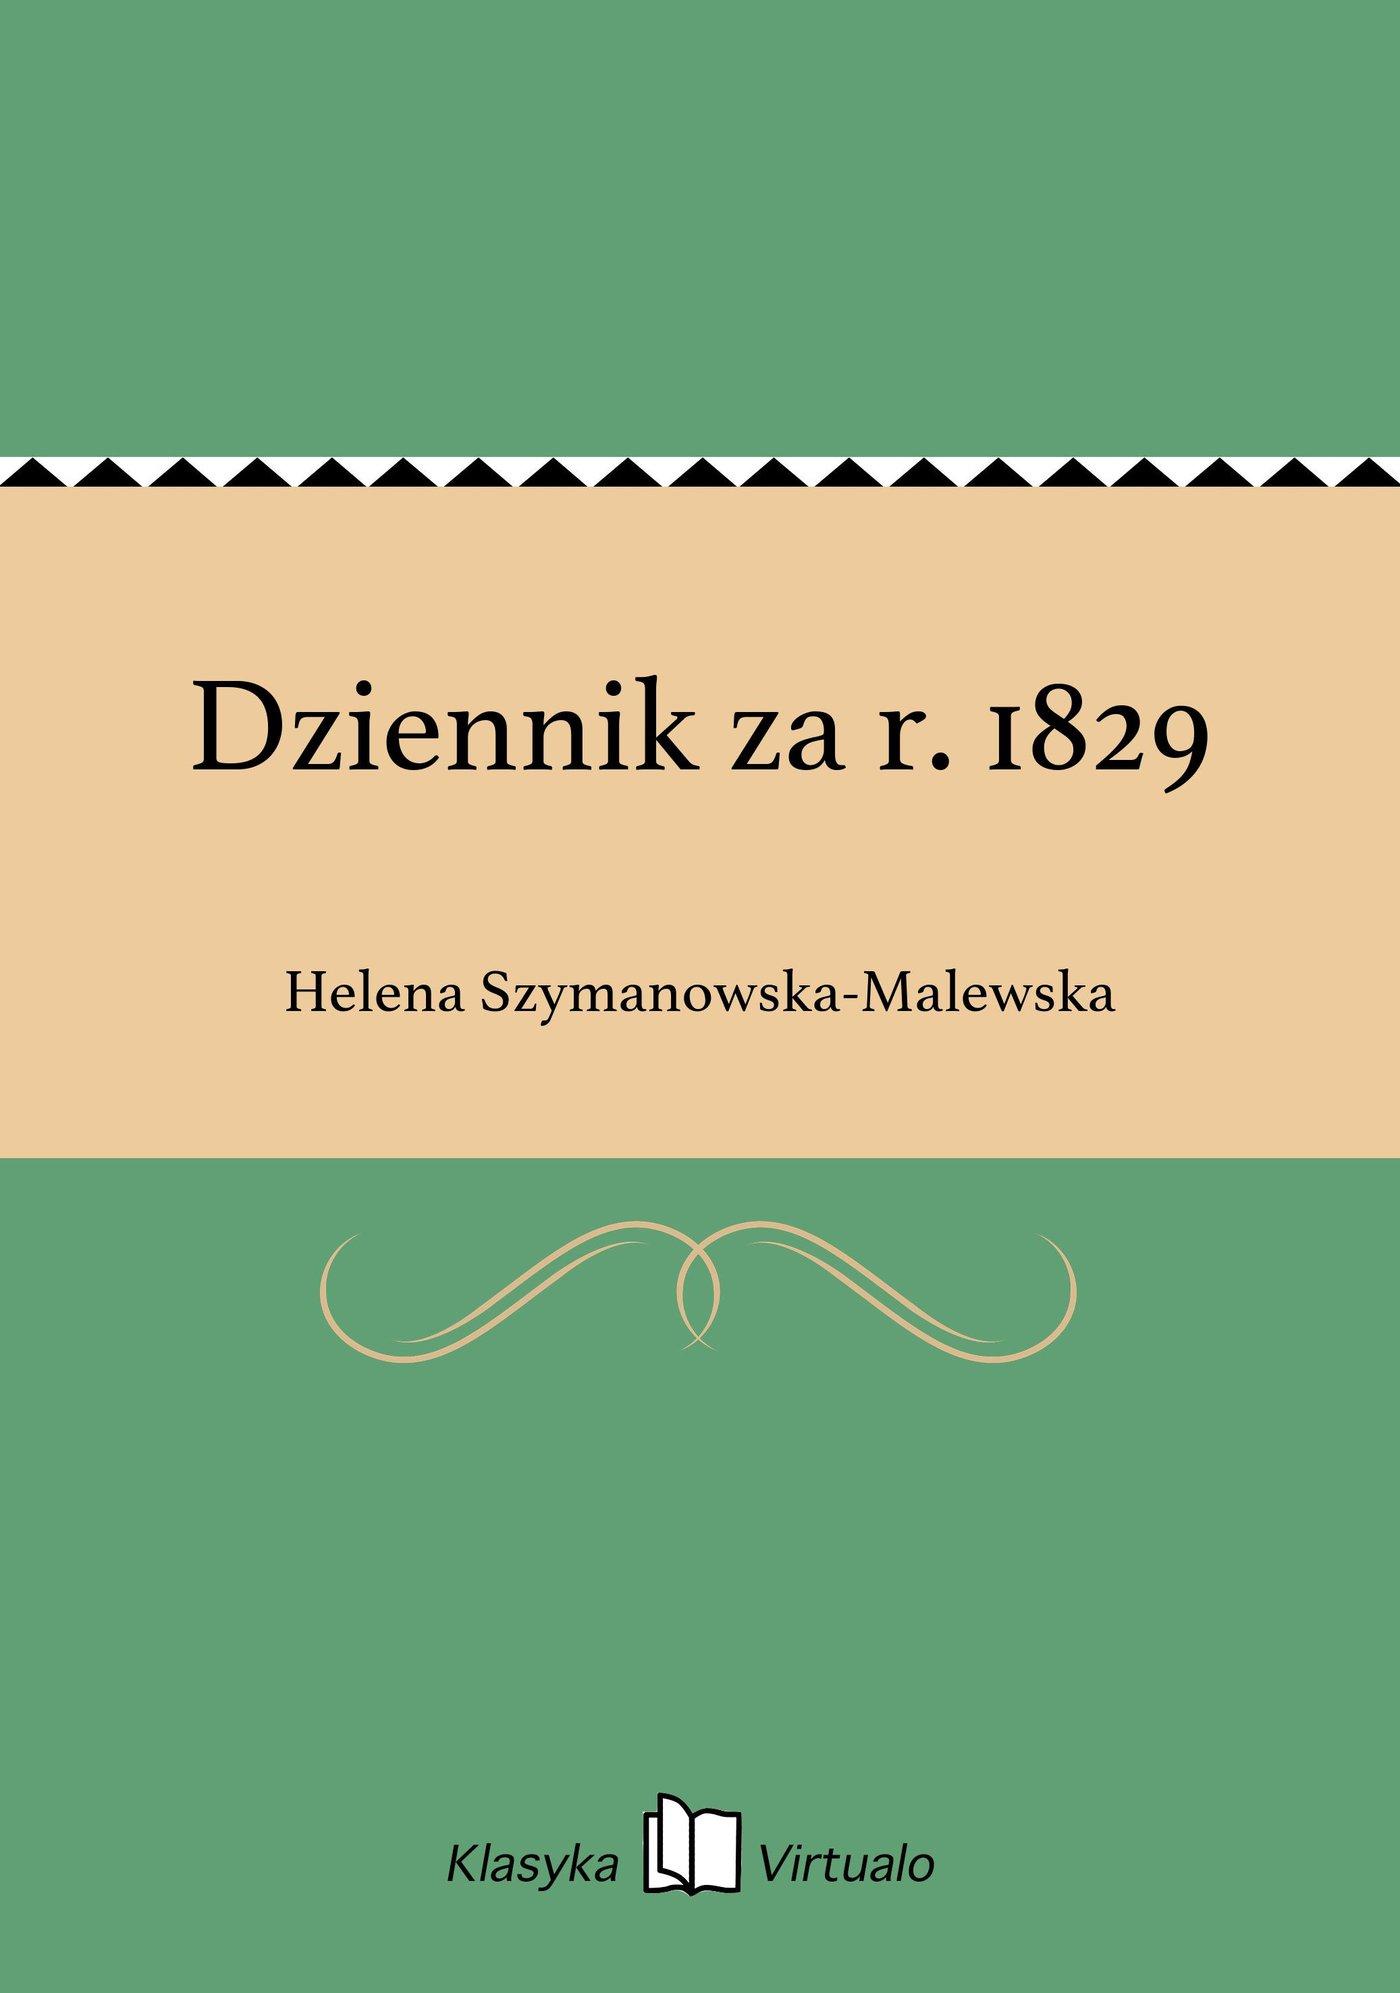 Dziennik za r. 1829 - Ebook (Książka EPUB) do pobrania w formacie EPUB